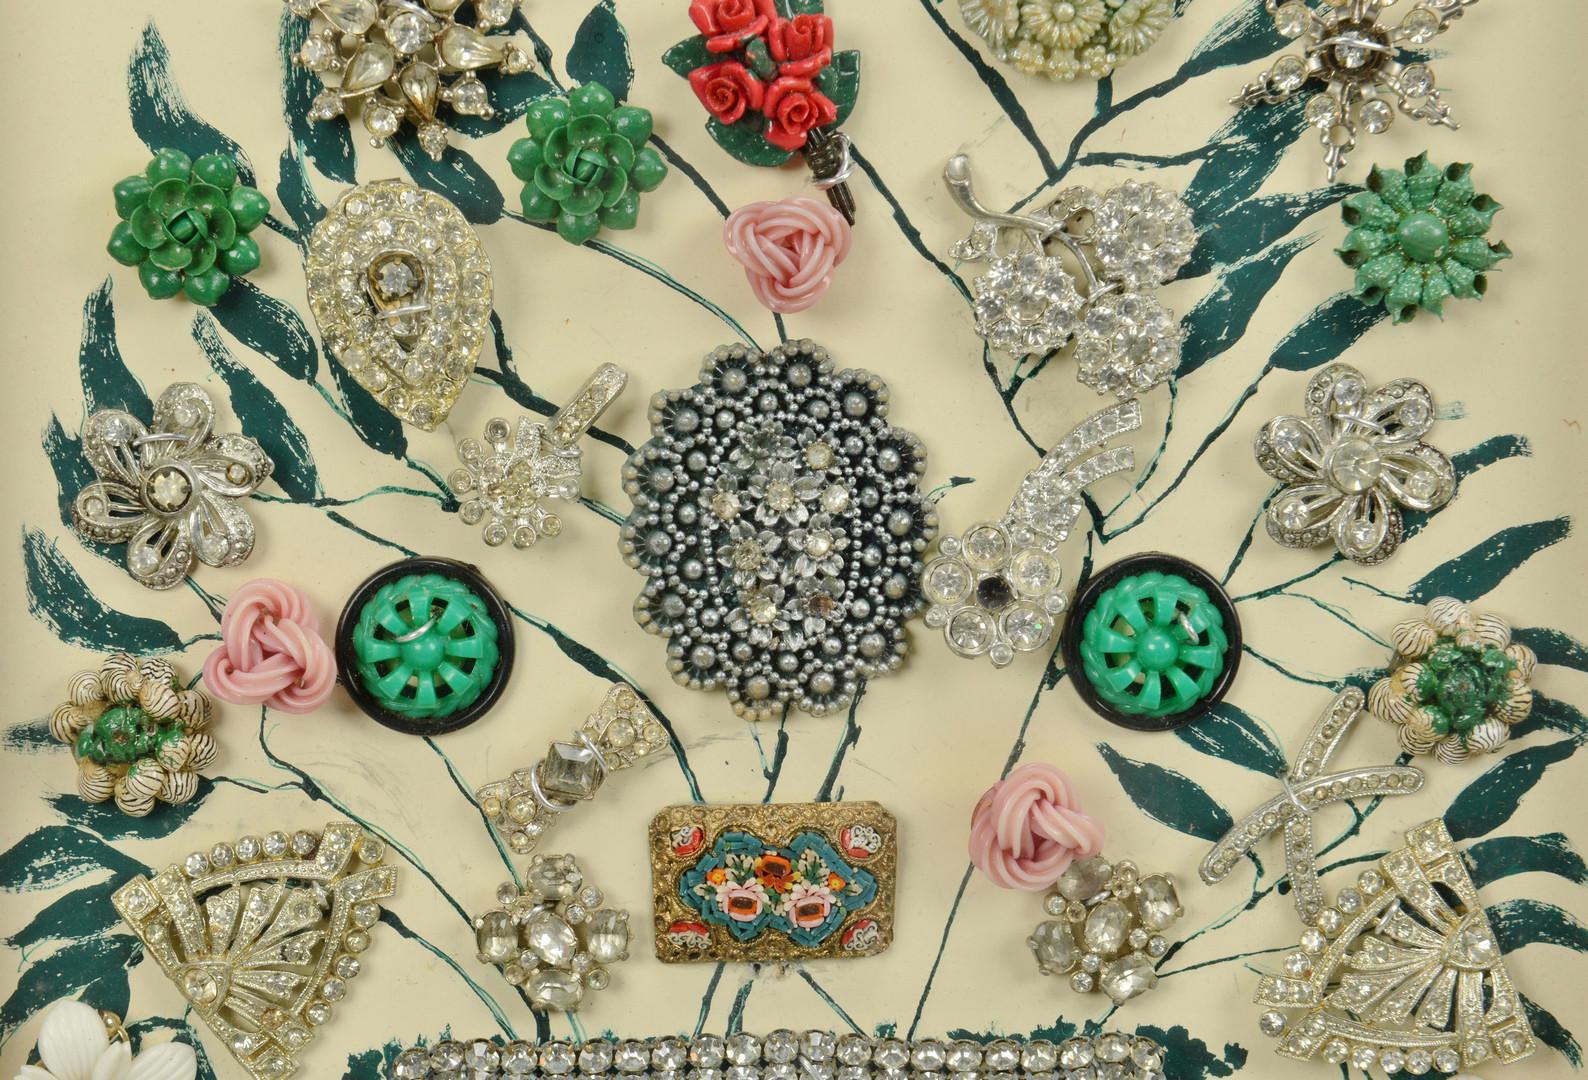 Lot 926: Vintage Purses, Fan, Jewelry Picture – 7 pcs